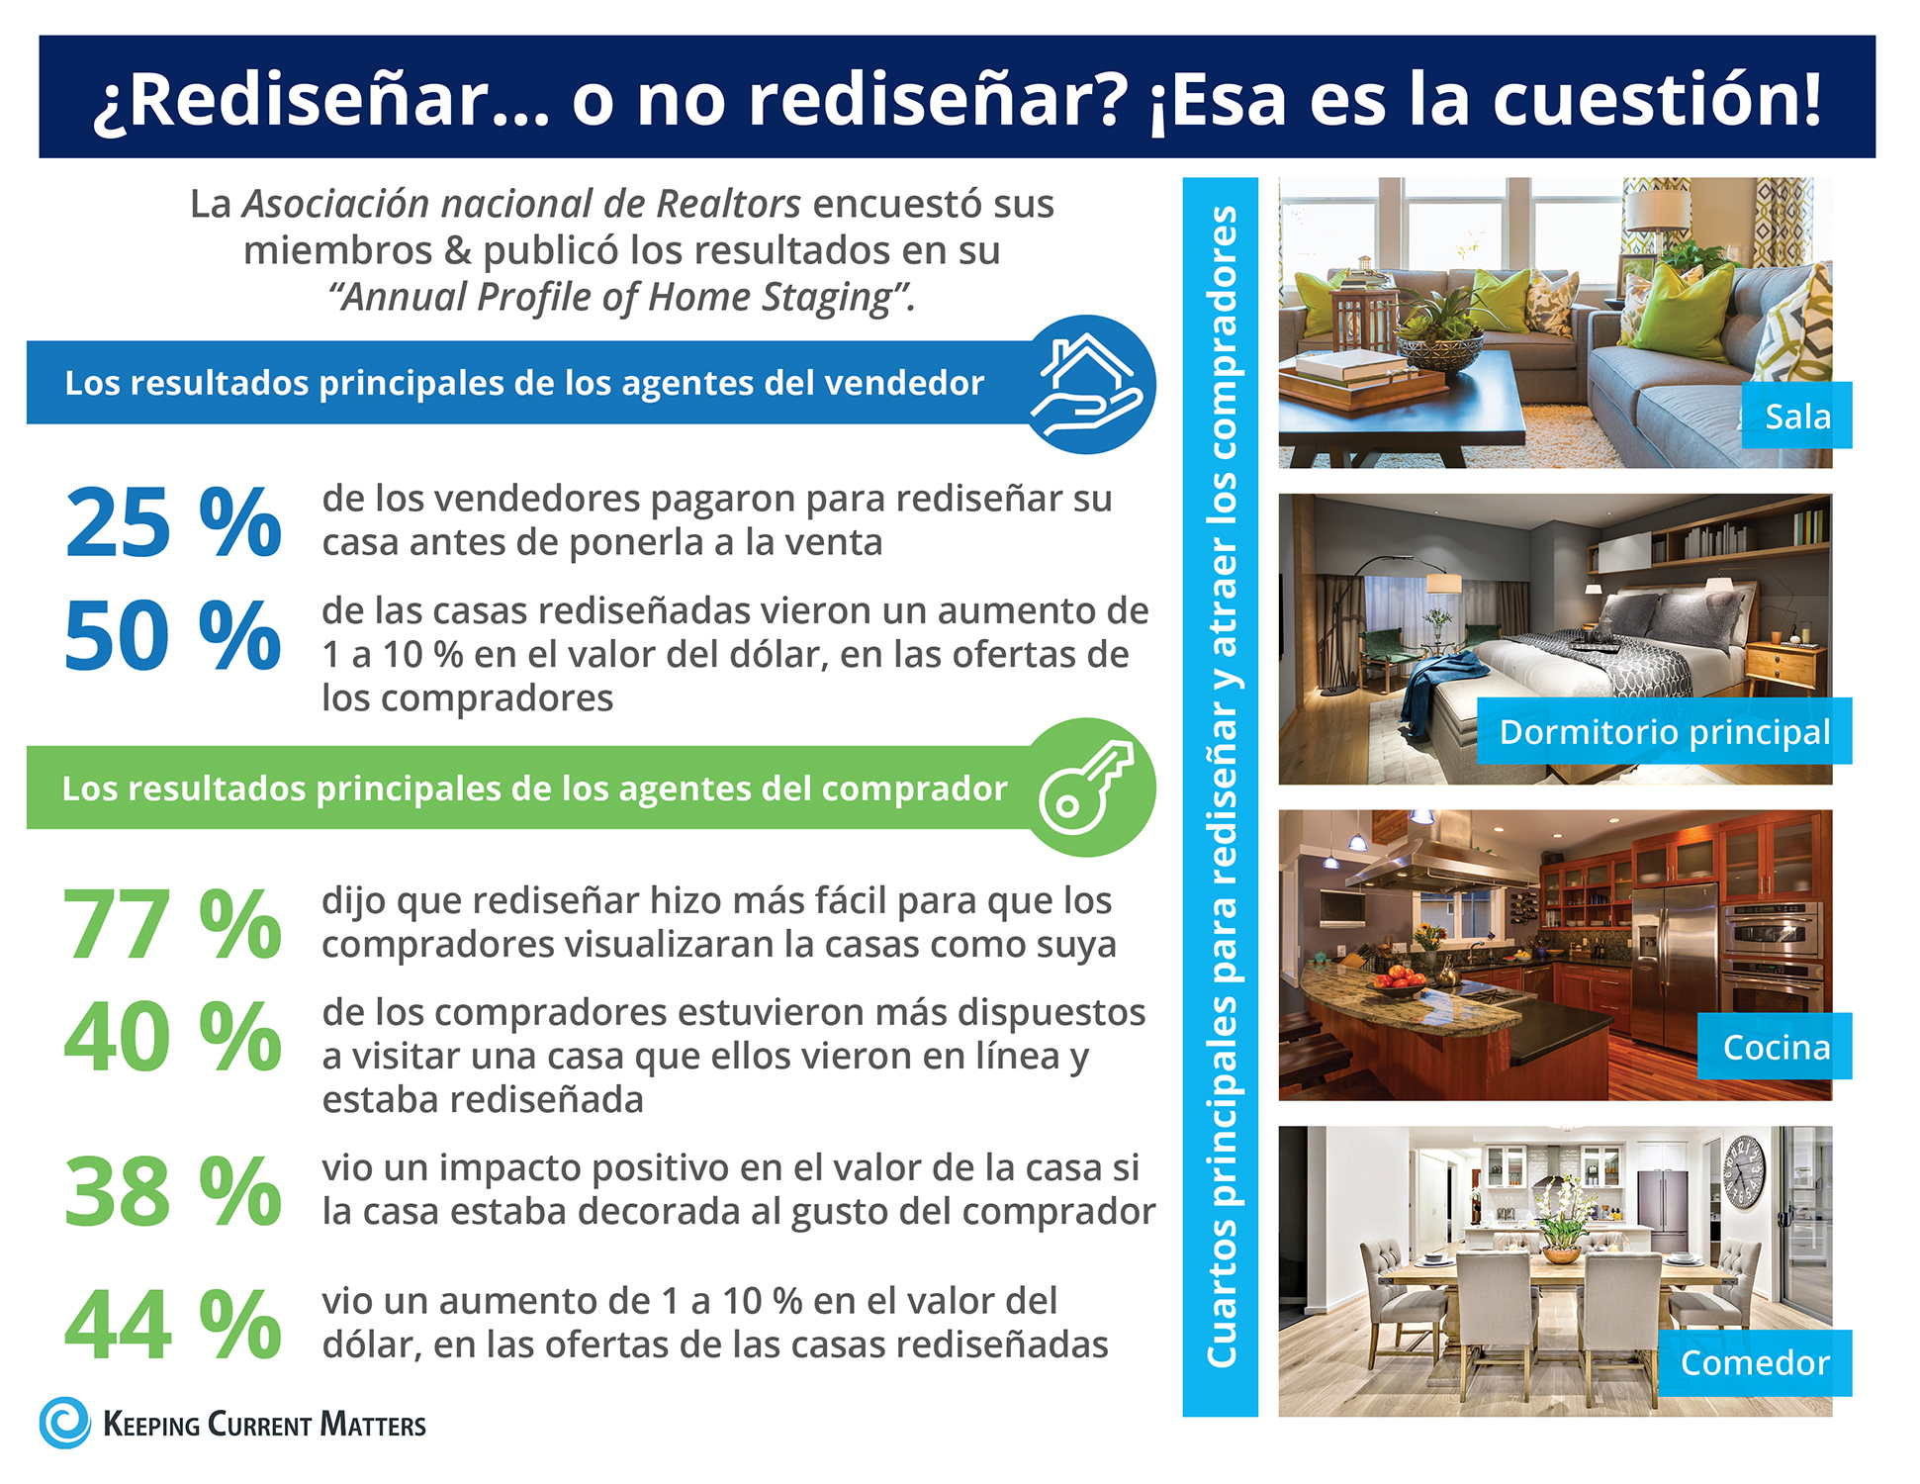 El impacto que rediseñar su casa tiene en el precio de venta [infografía] | Keeping Current Matters